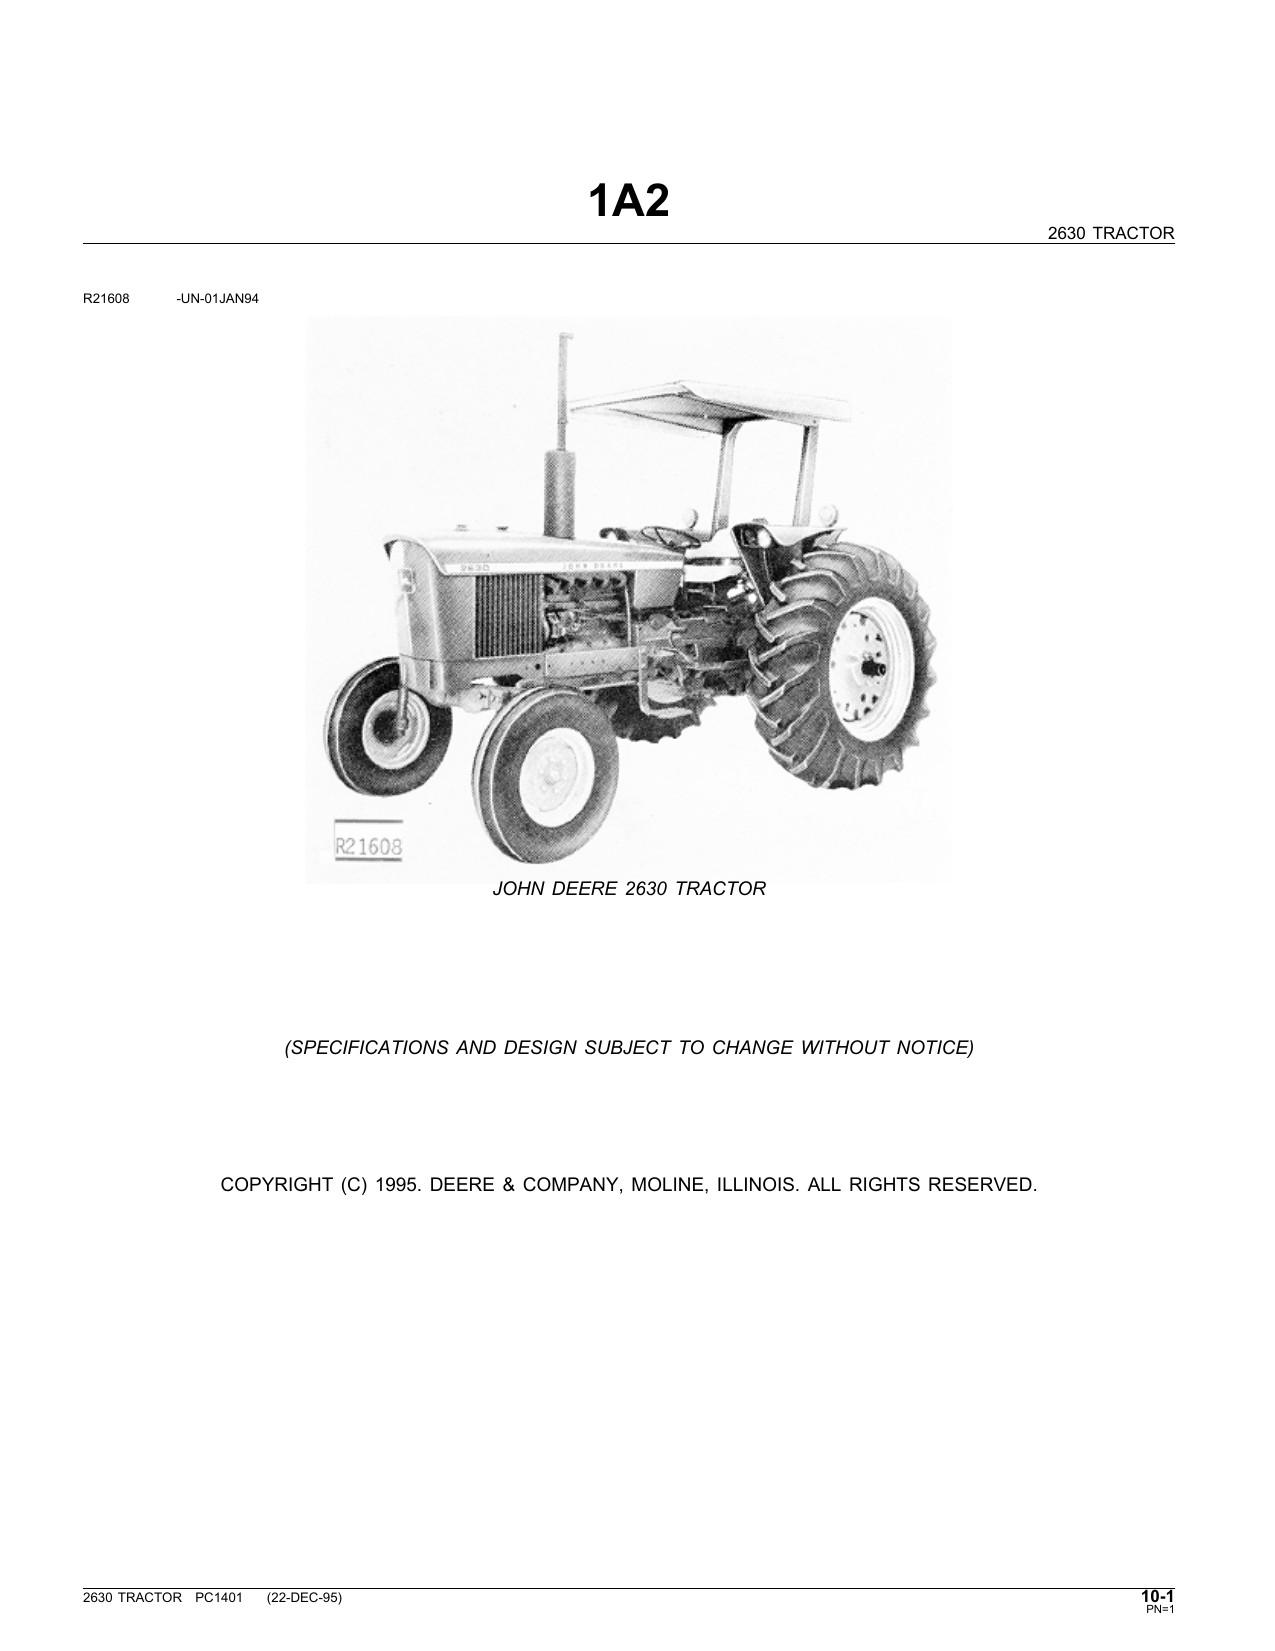 John Deere 2630 Wiring Diagram  John Deere 2755 Wiring Diagram  John Deere Tractor Manual 2040